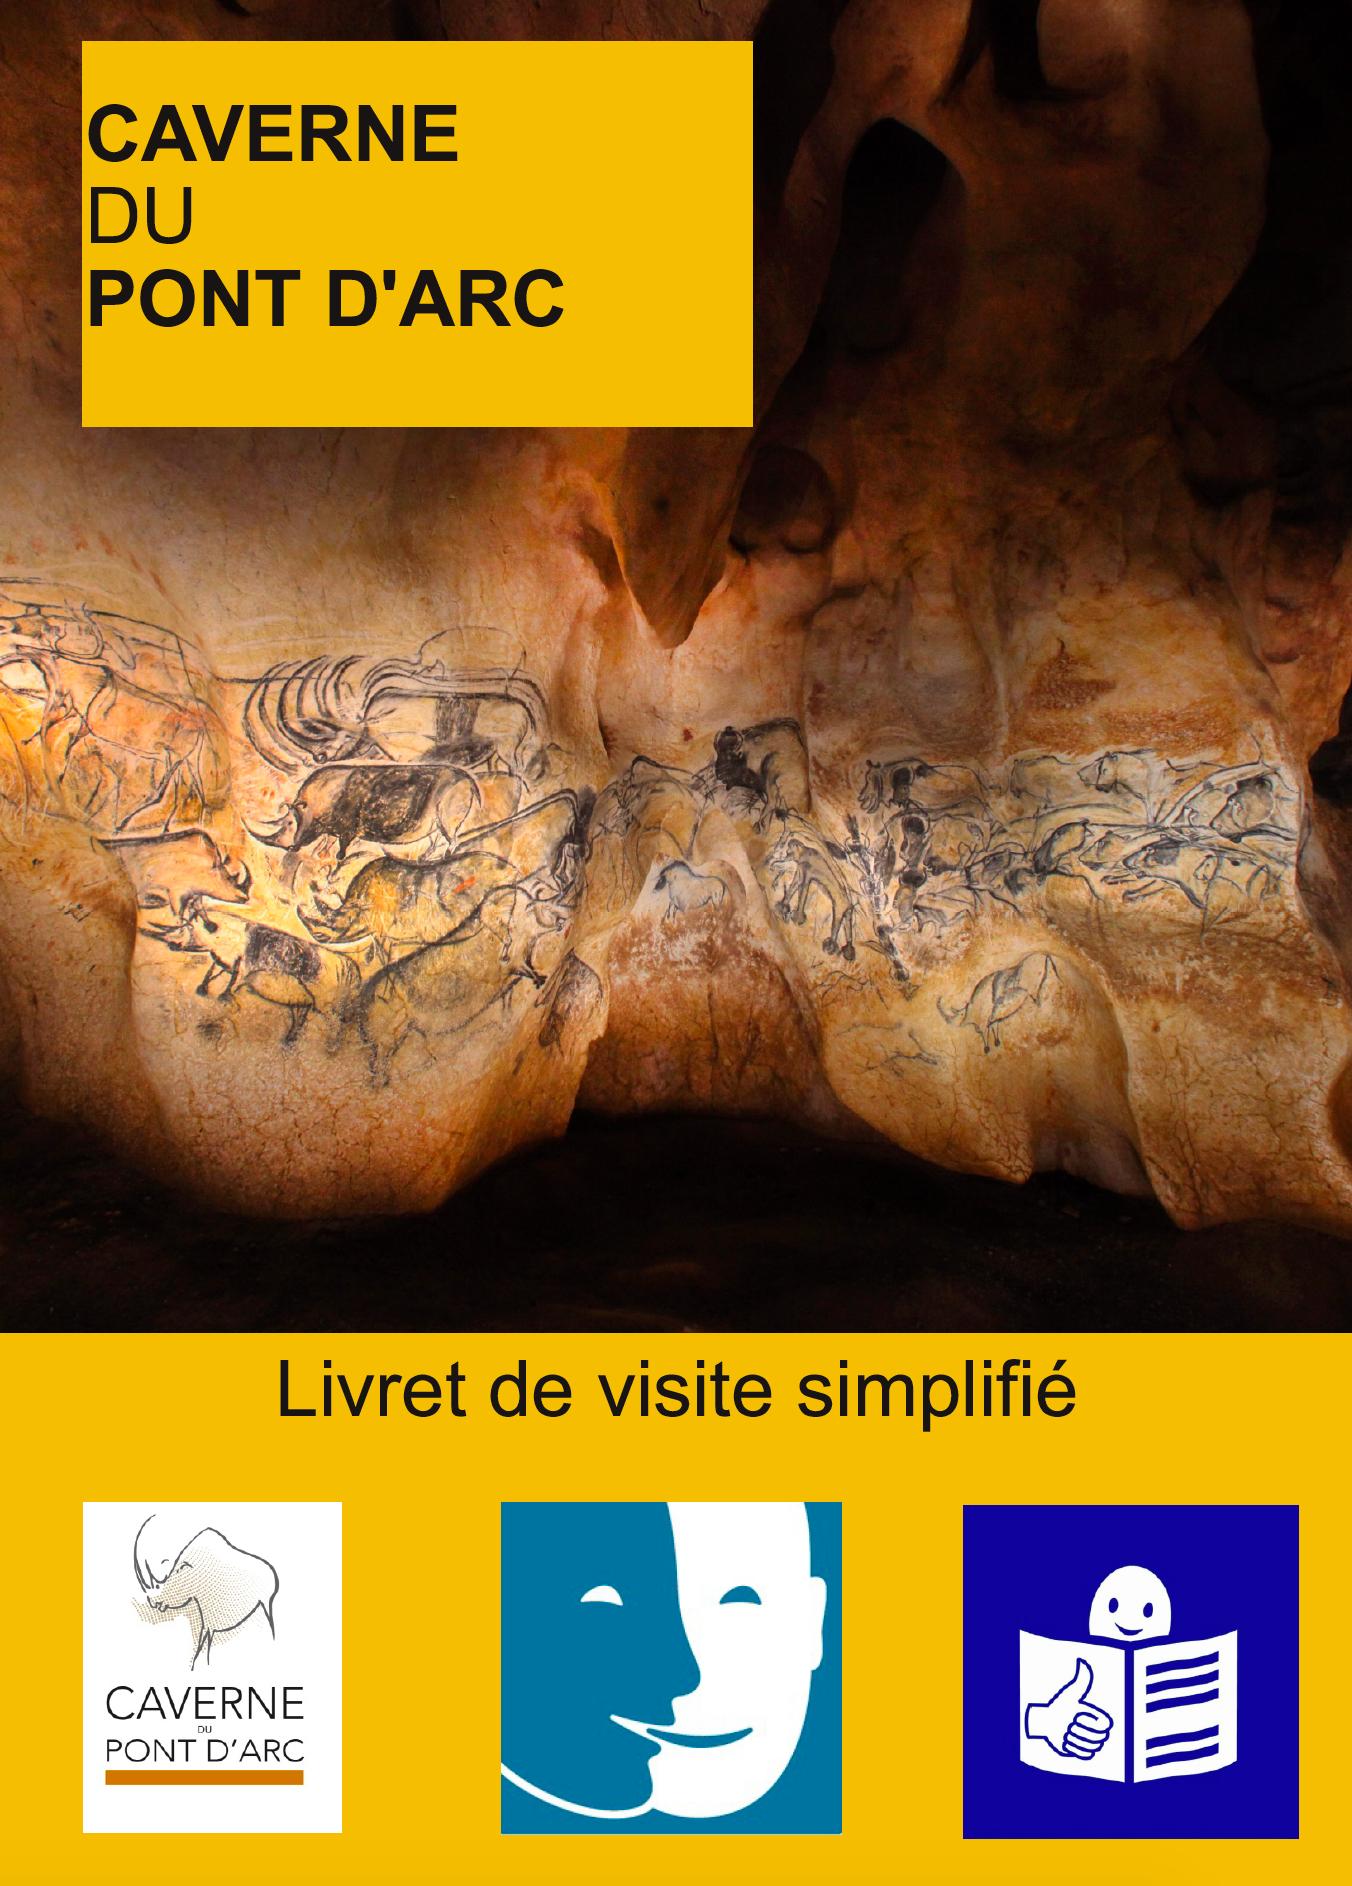 Livret de visite en FALC, Caverne du Pont d'Arc Grotte Chauvet